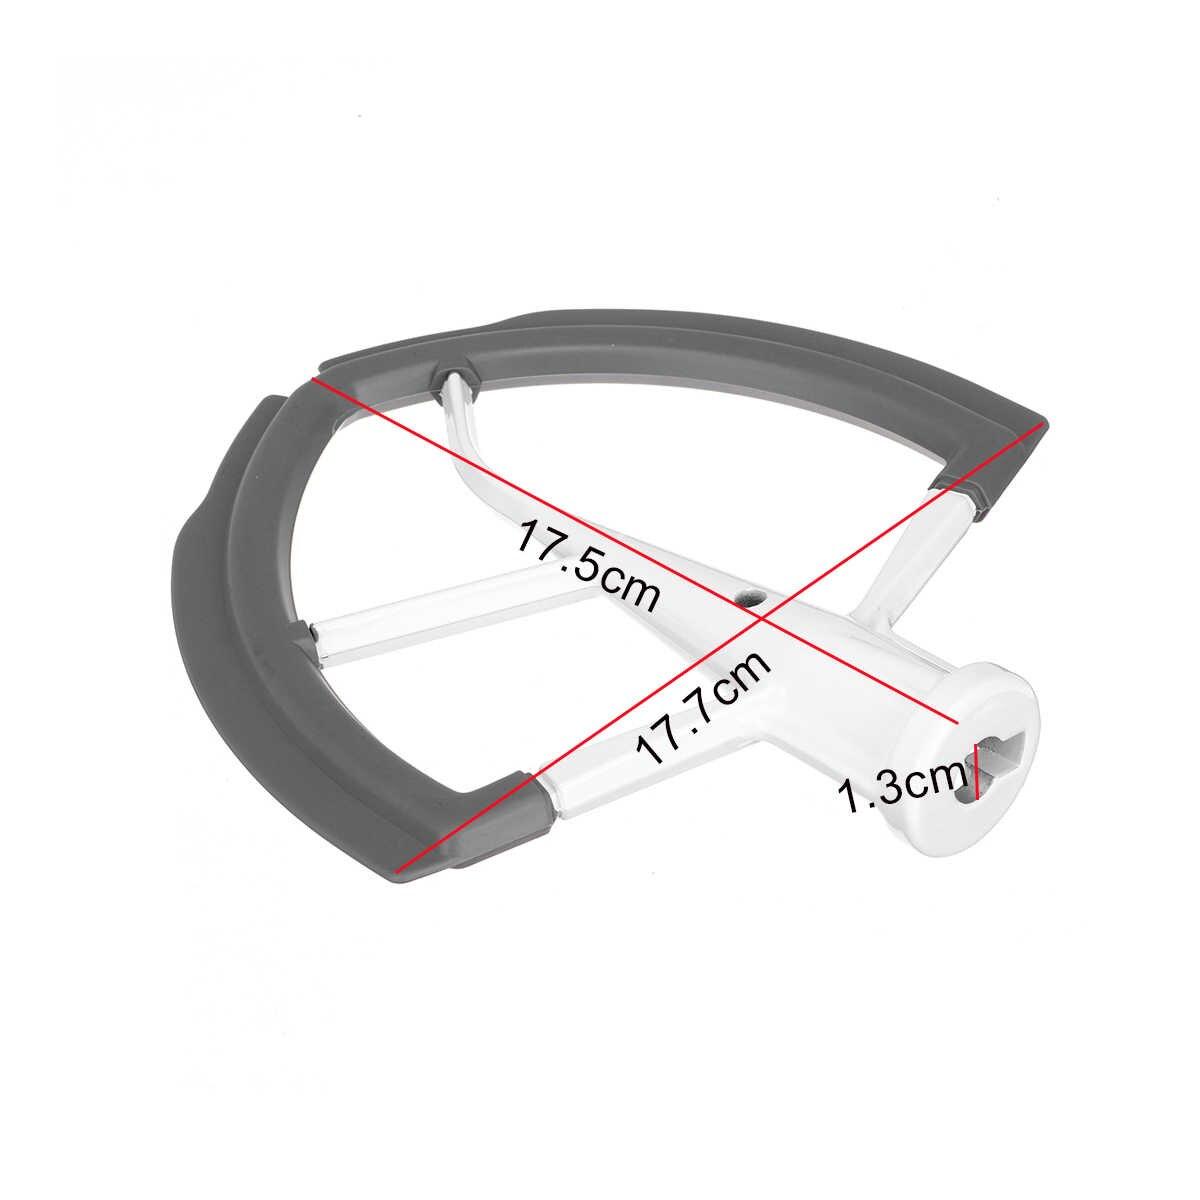 5.5QT-6QT Tilt Head-Flex Parte de Borda Para Stand Mixer KFEW6L KD2661X KP26M8X KT2651X KV25GOX